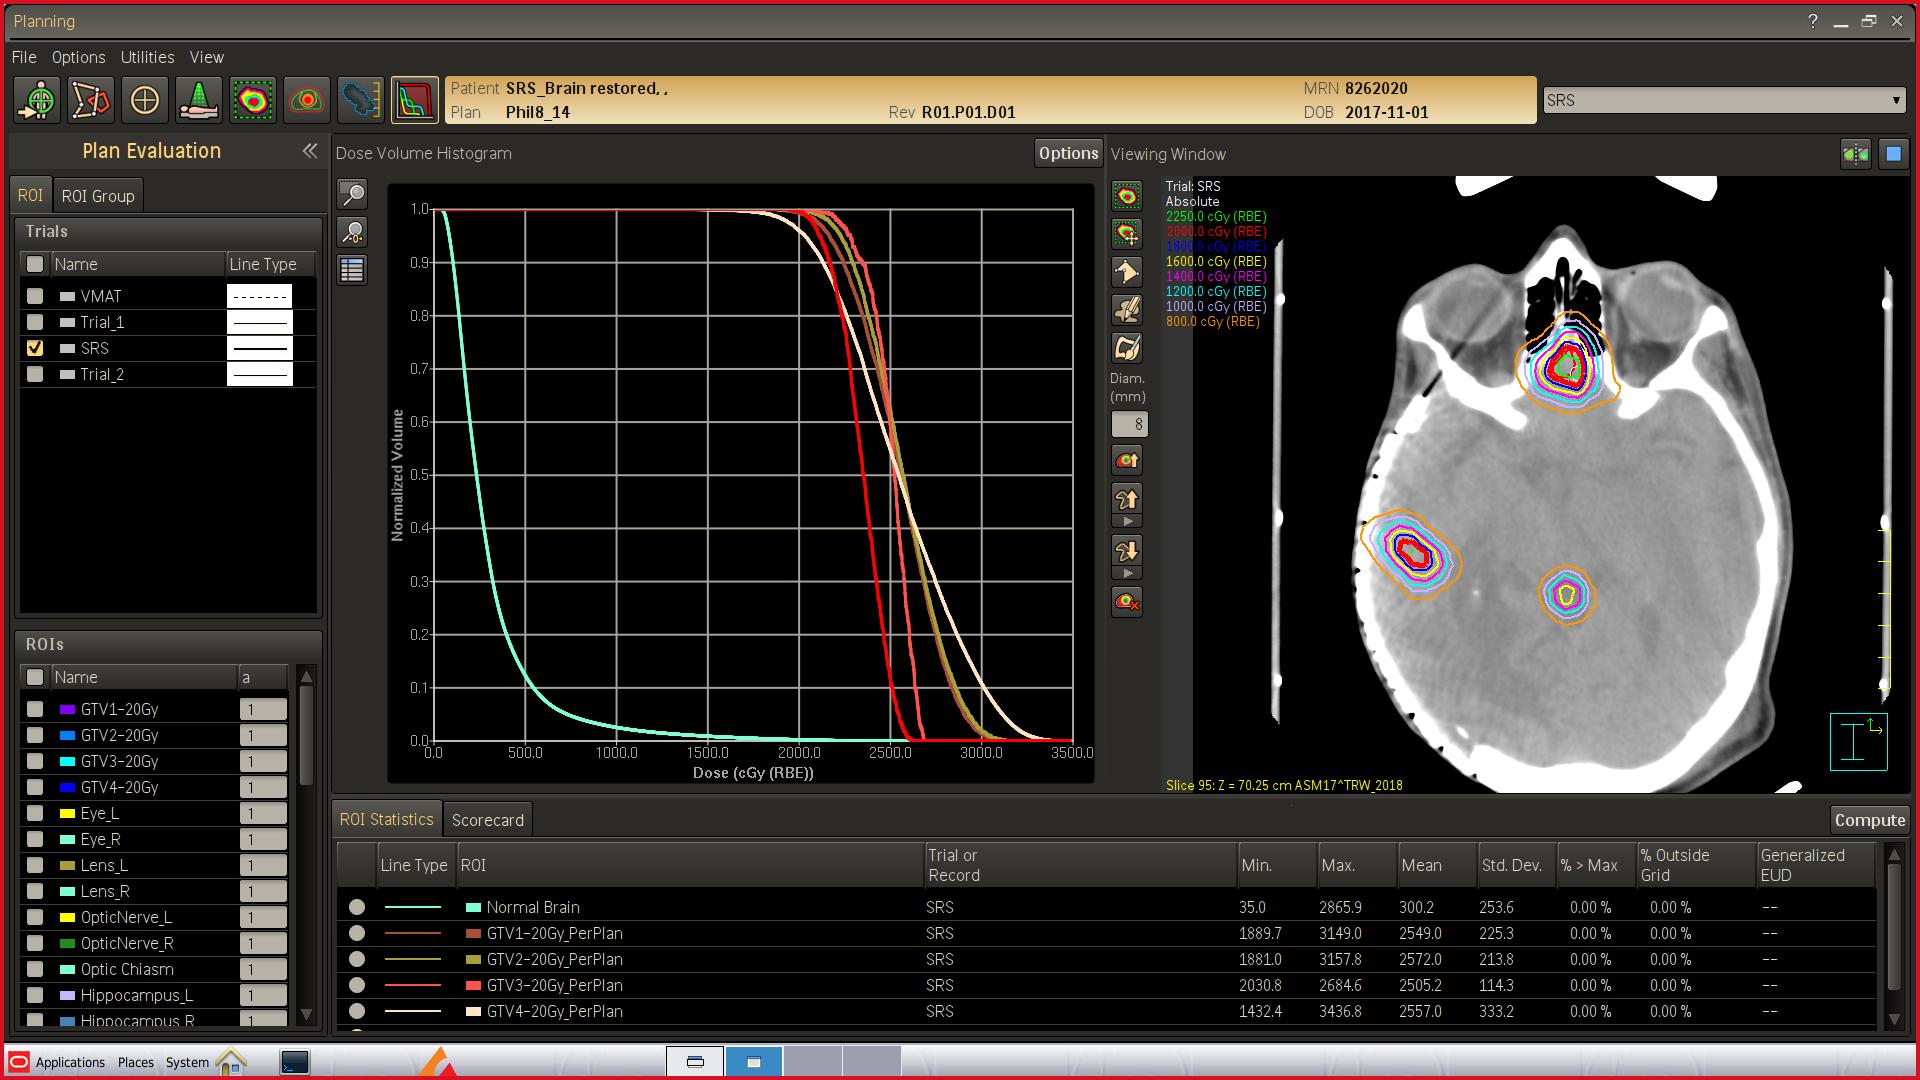 フィリップス/放射線治療計画装置「Pinnacle」の最新バージョン「Pinnacle Evolution(ピナクル・エボリューション)」を発売